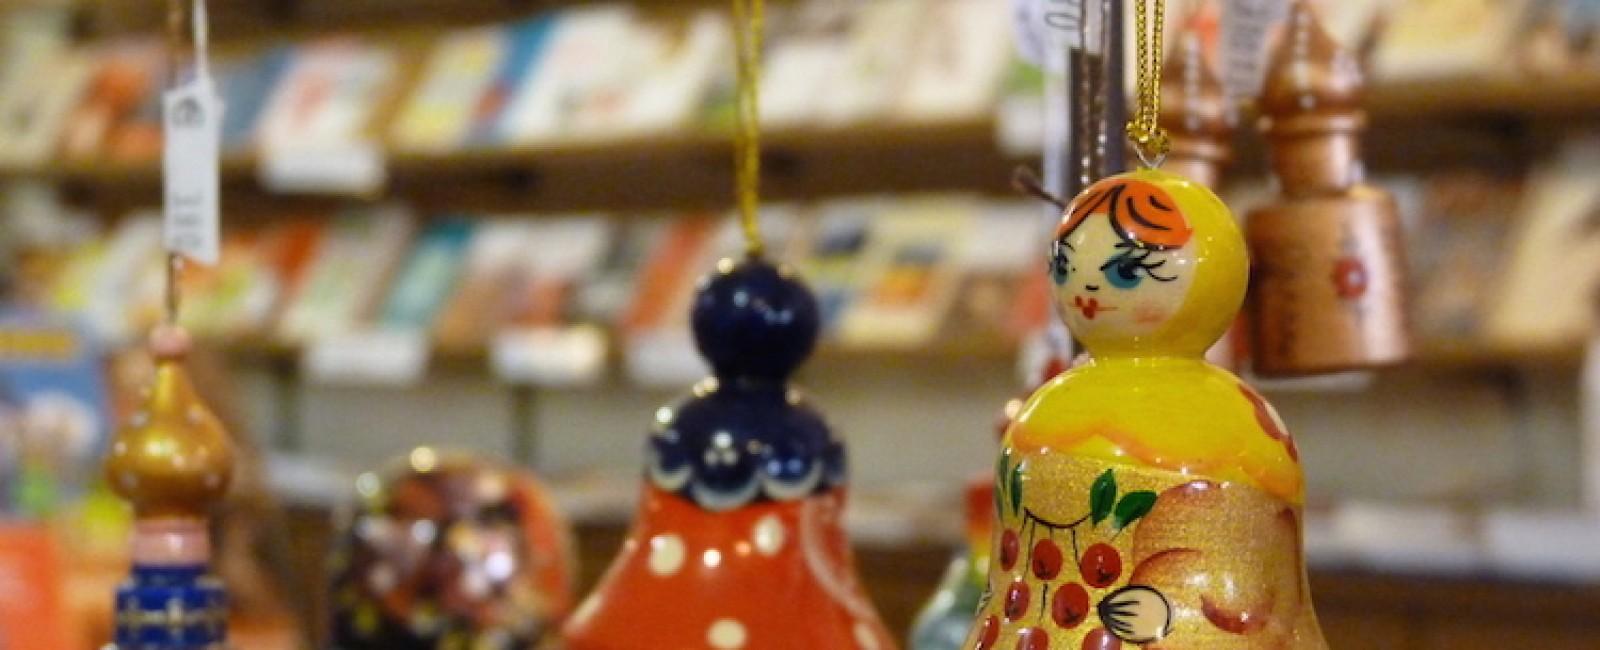 objets religieux magasin